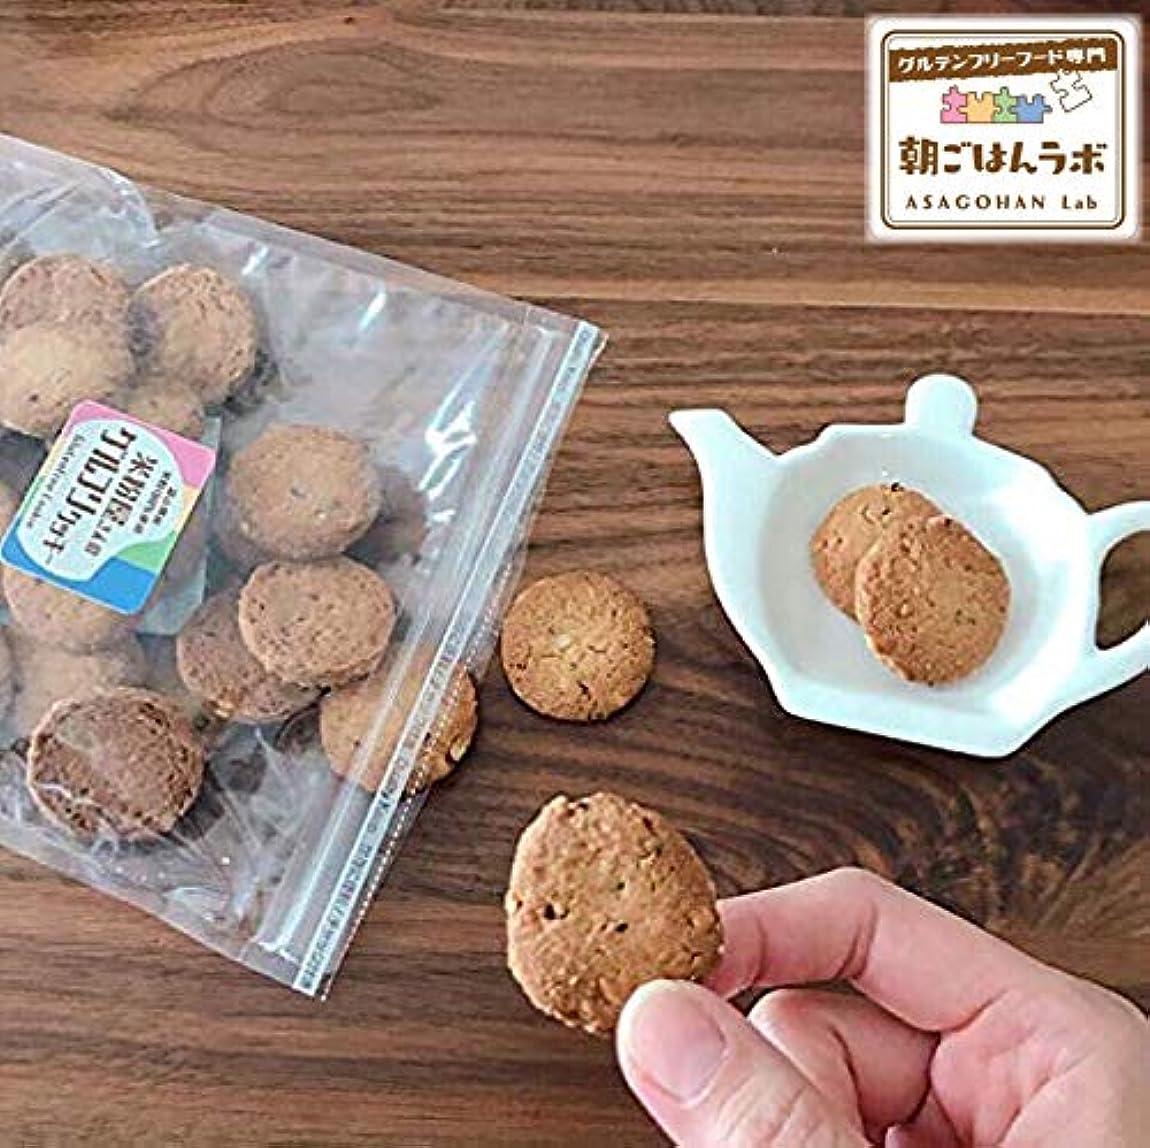 機械的批判的トランクライブラリ米粉屋さんのグルフリクッキー  (ブラックペッパー 2袋)グルテンフリー 朝ごはんラボ